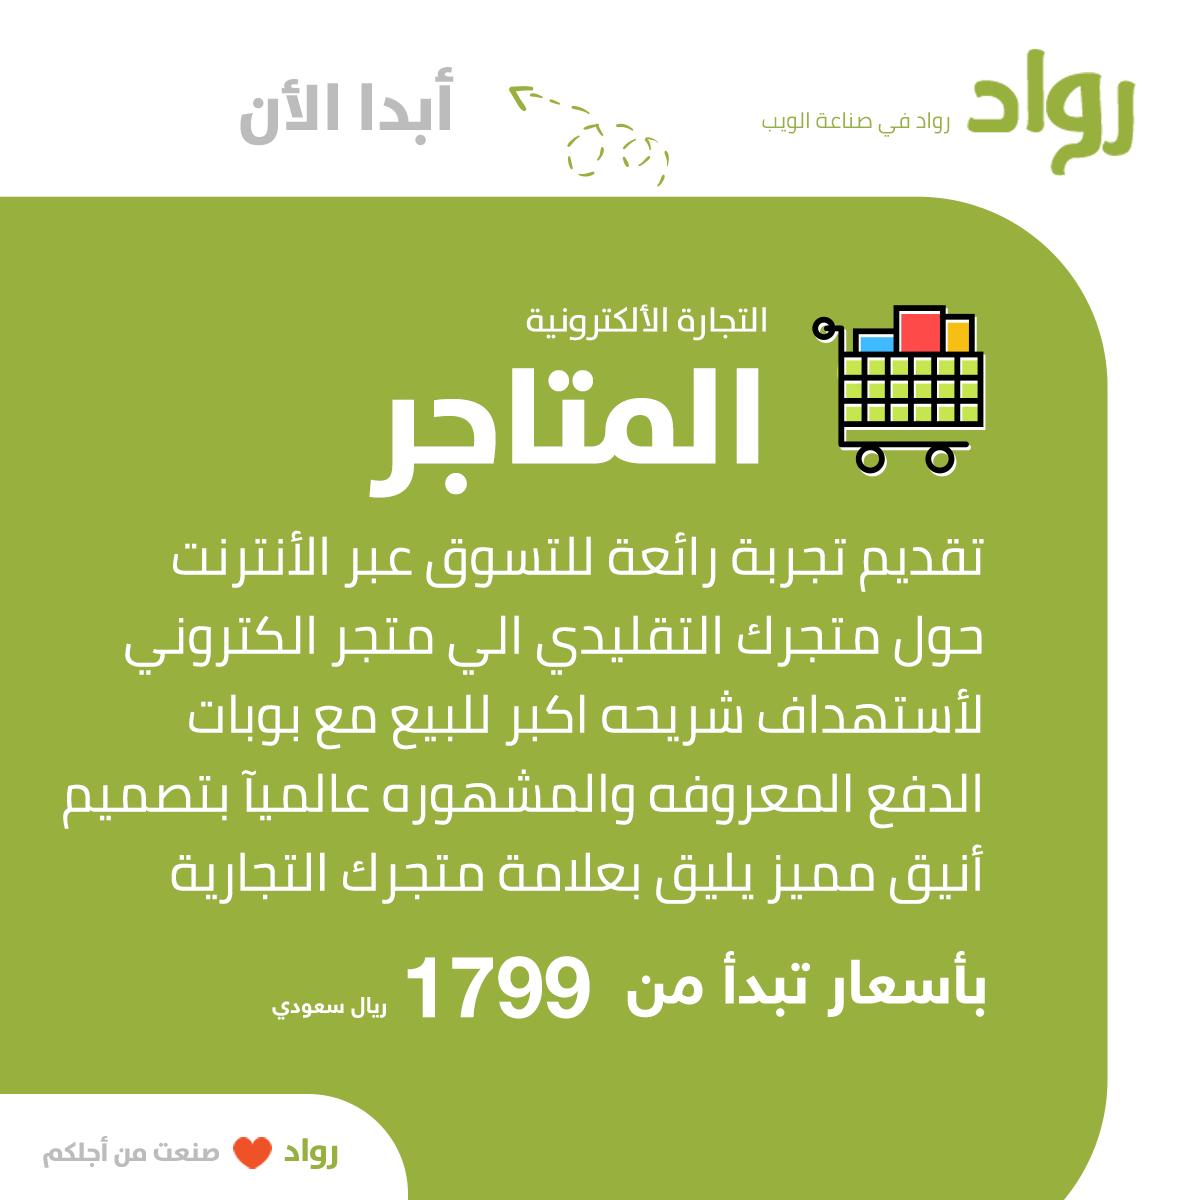 acb082f26 اذا تريد المساعدة فى البدء فى انشاء متجرك يمكنك الاطلاع علي باقات رواد فى  تصميم المتاجر ( تصميم متجر الكتروني )